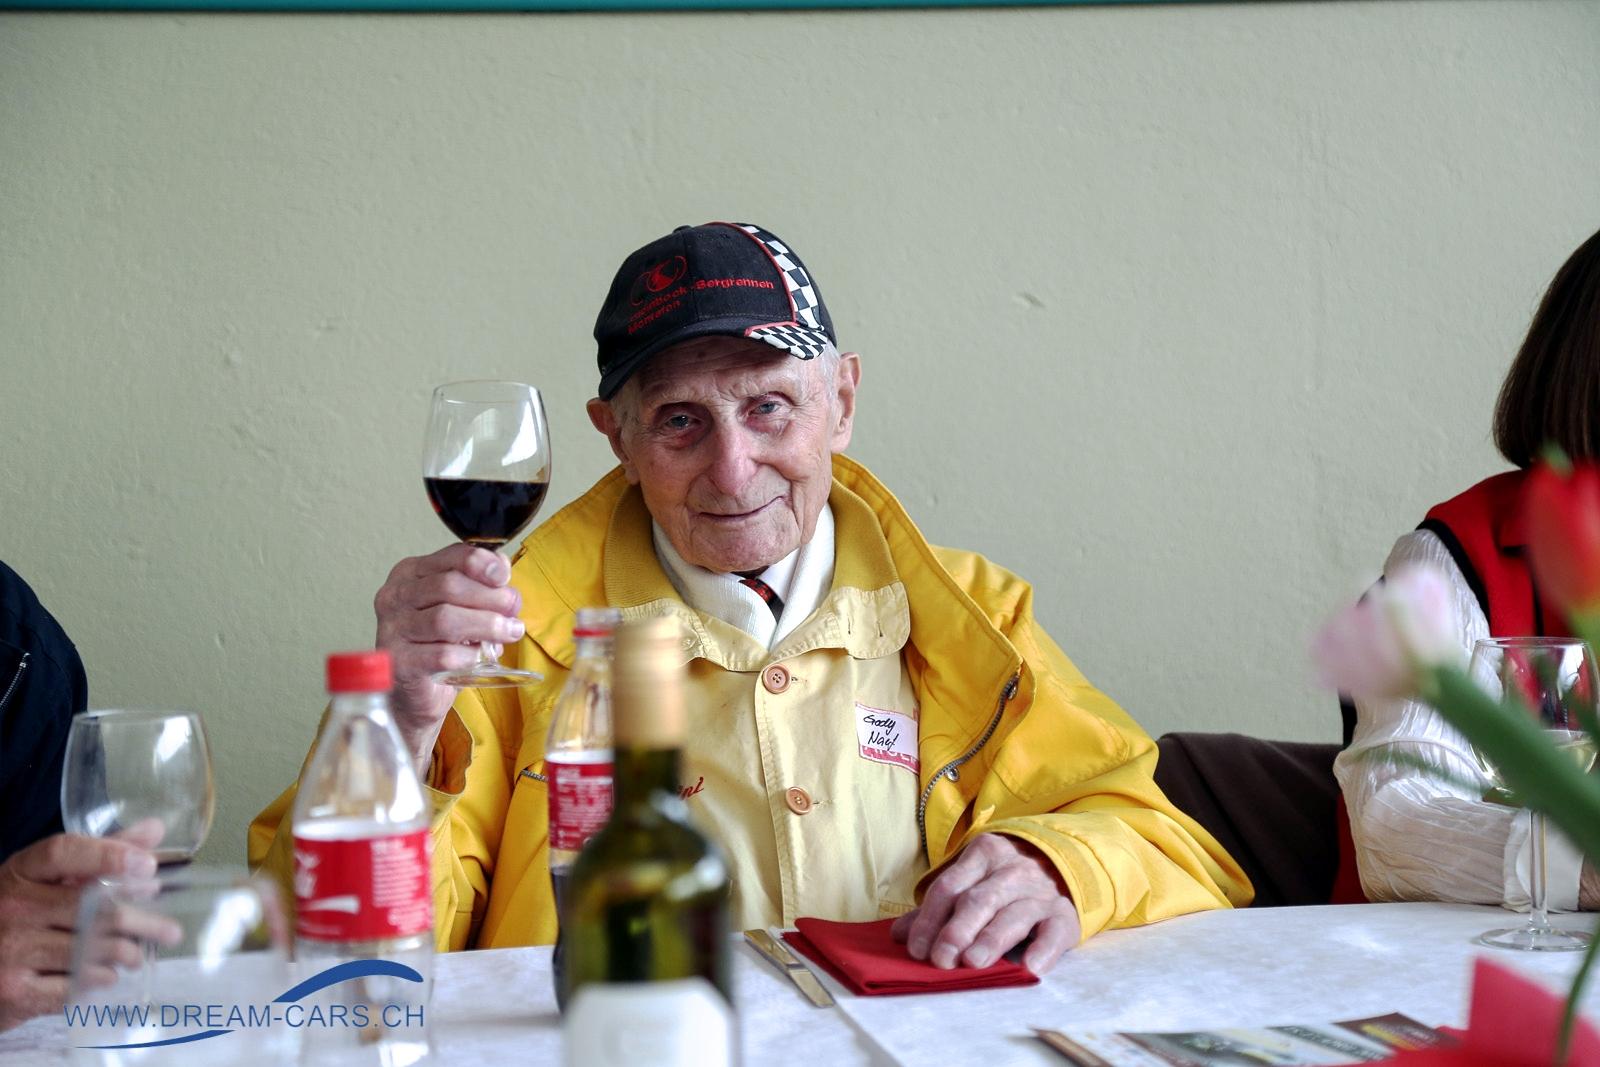 Gody Naef zum 99. Geburtstag. Alles Gute, Prost und auf weitere viele Jahre